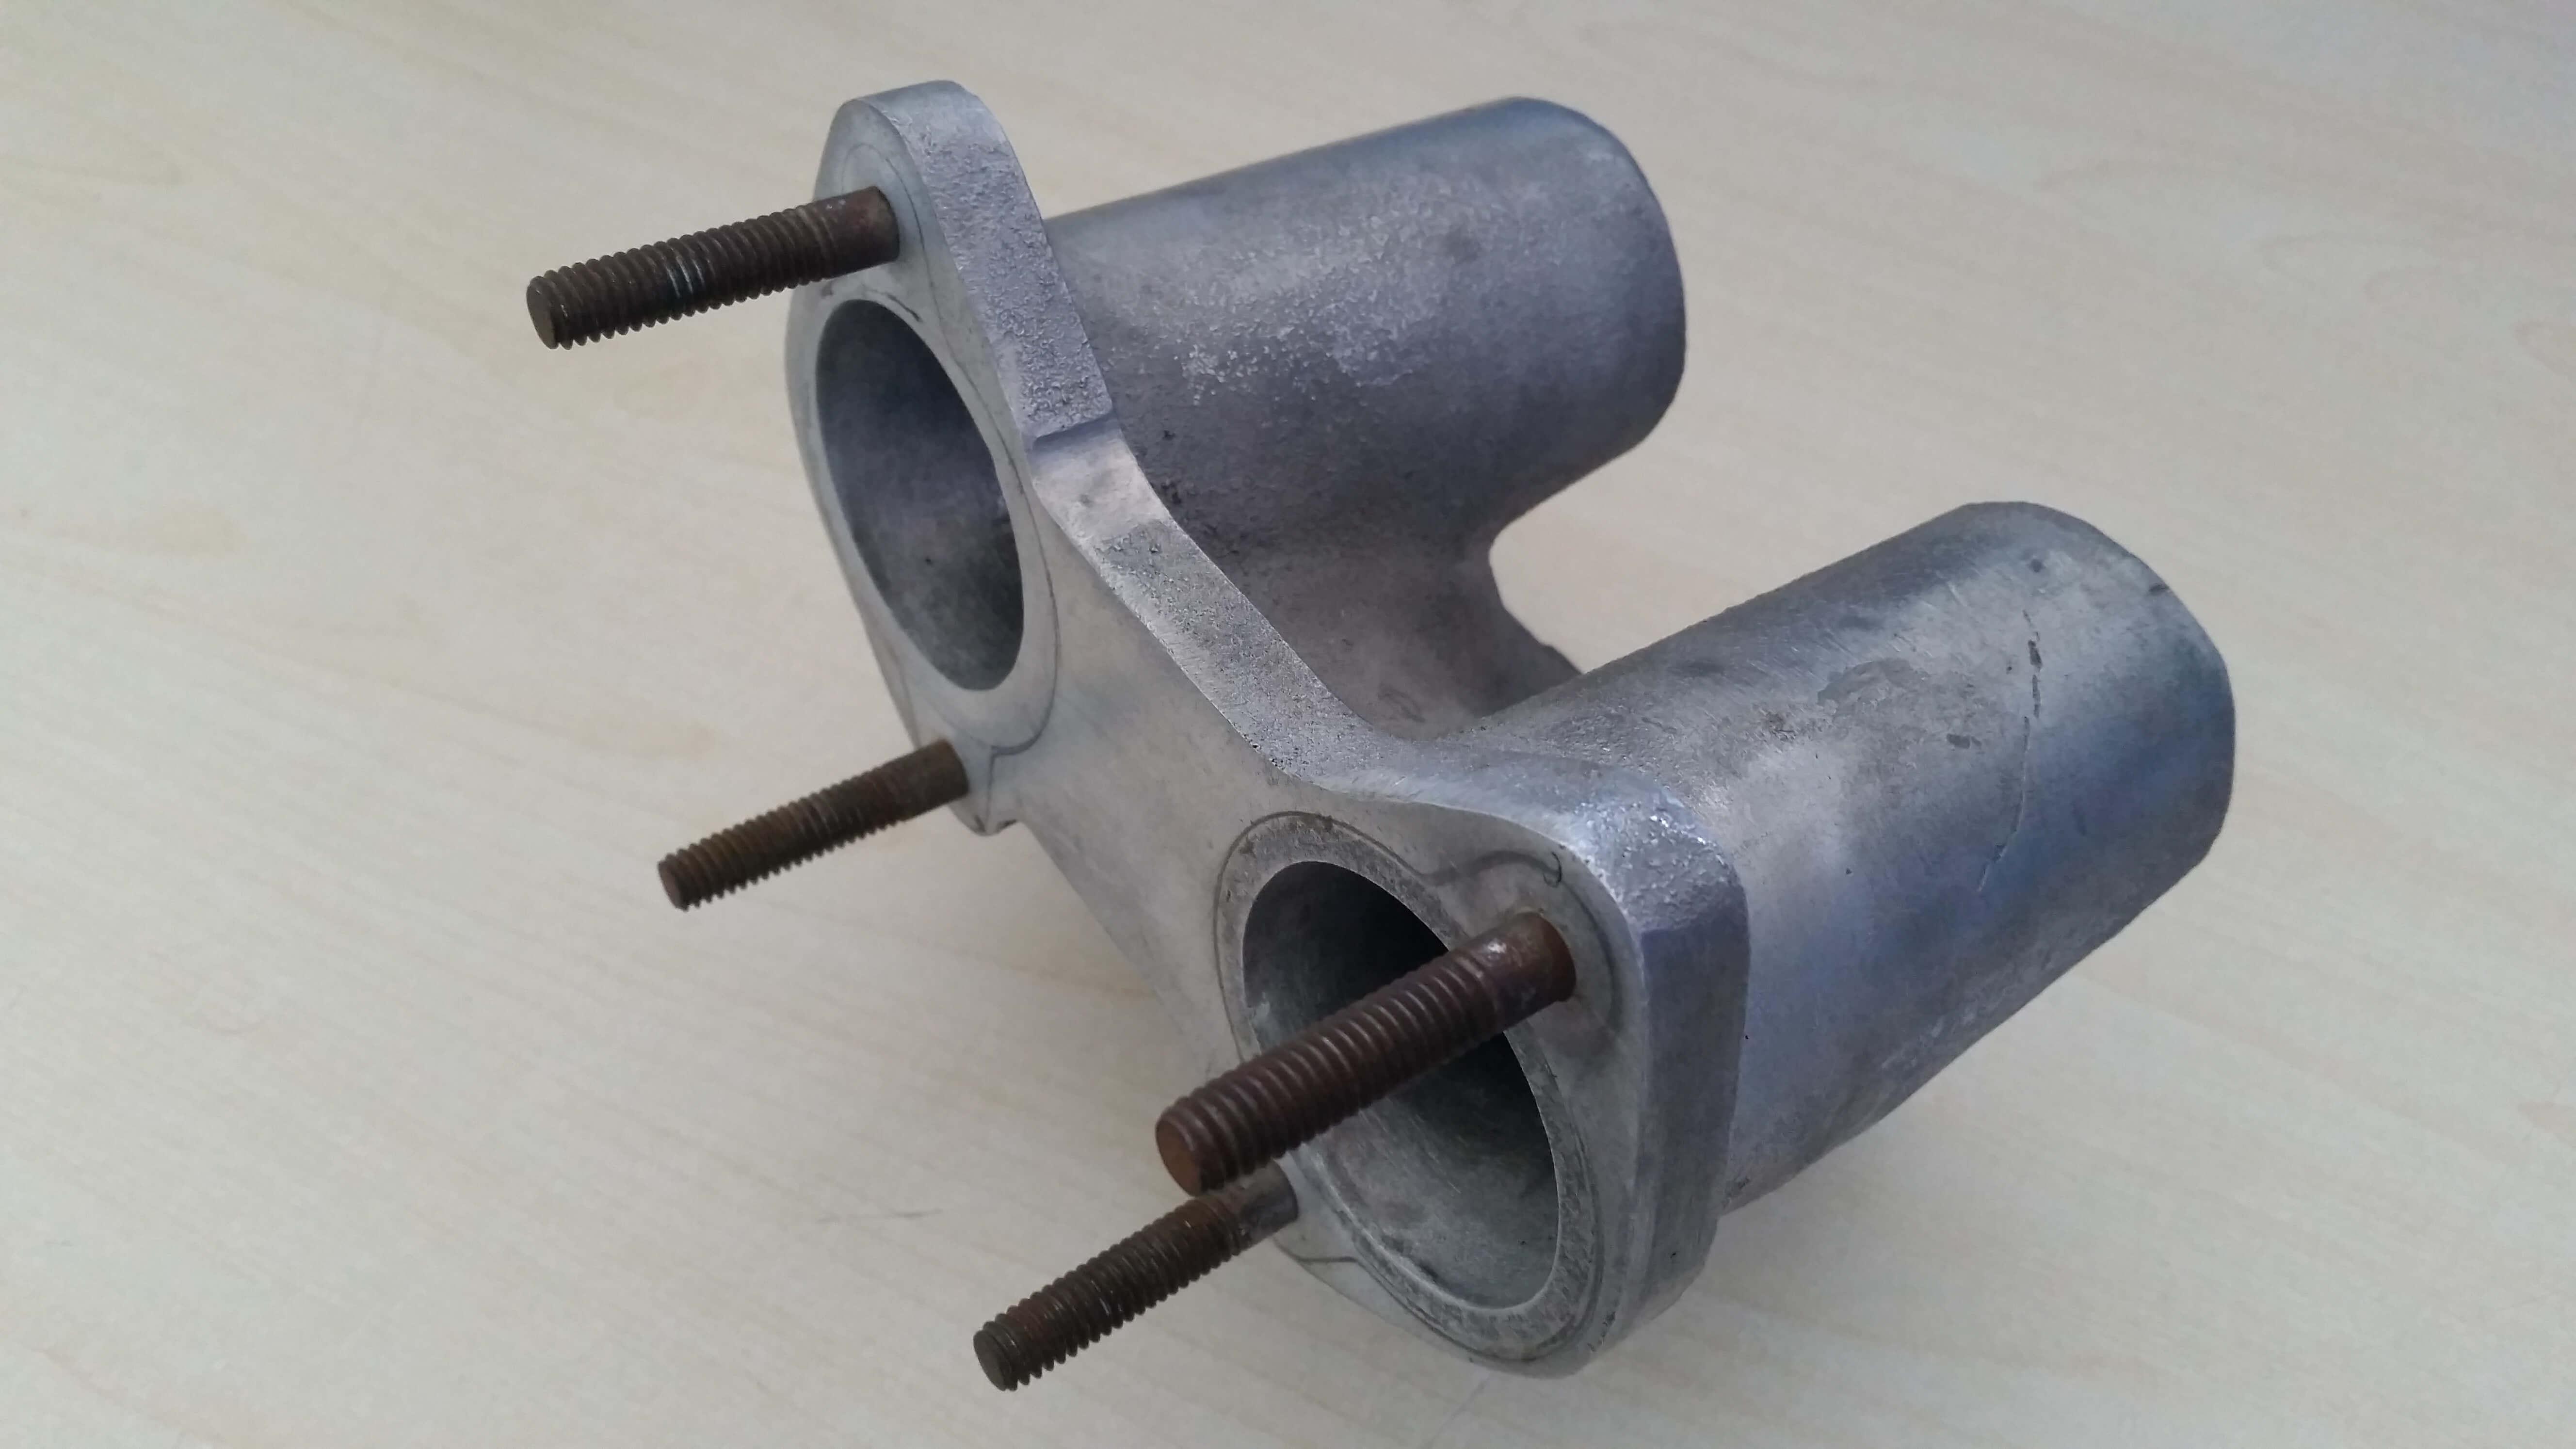 5. Bazooka